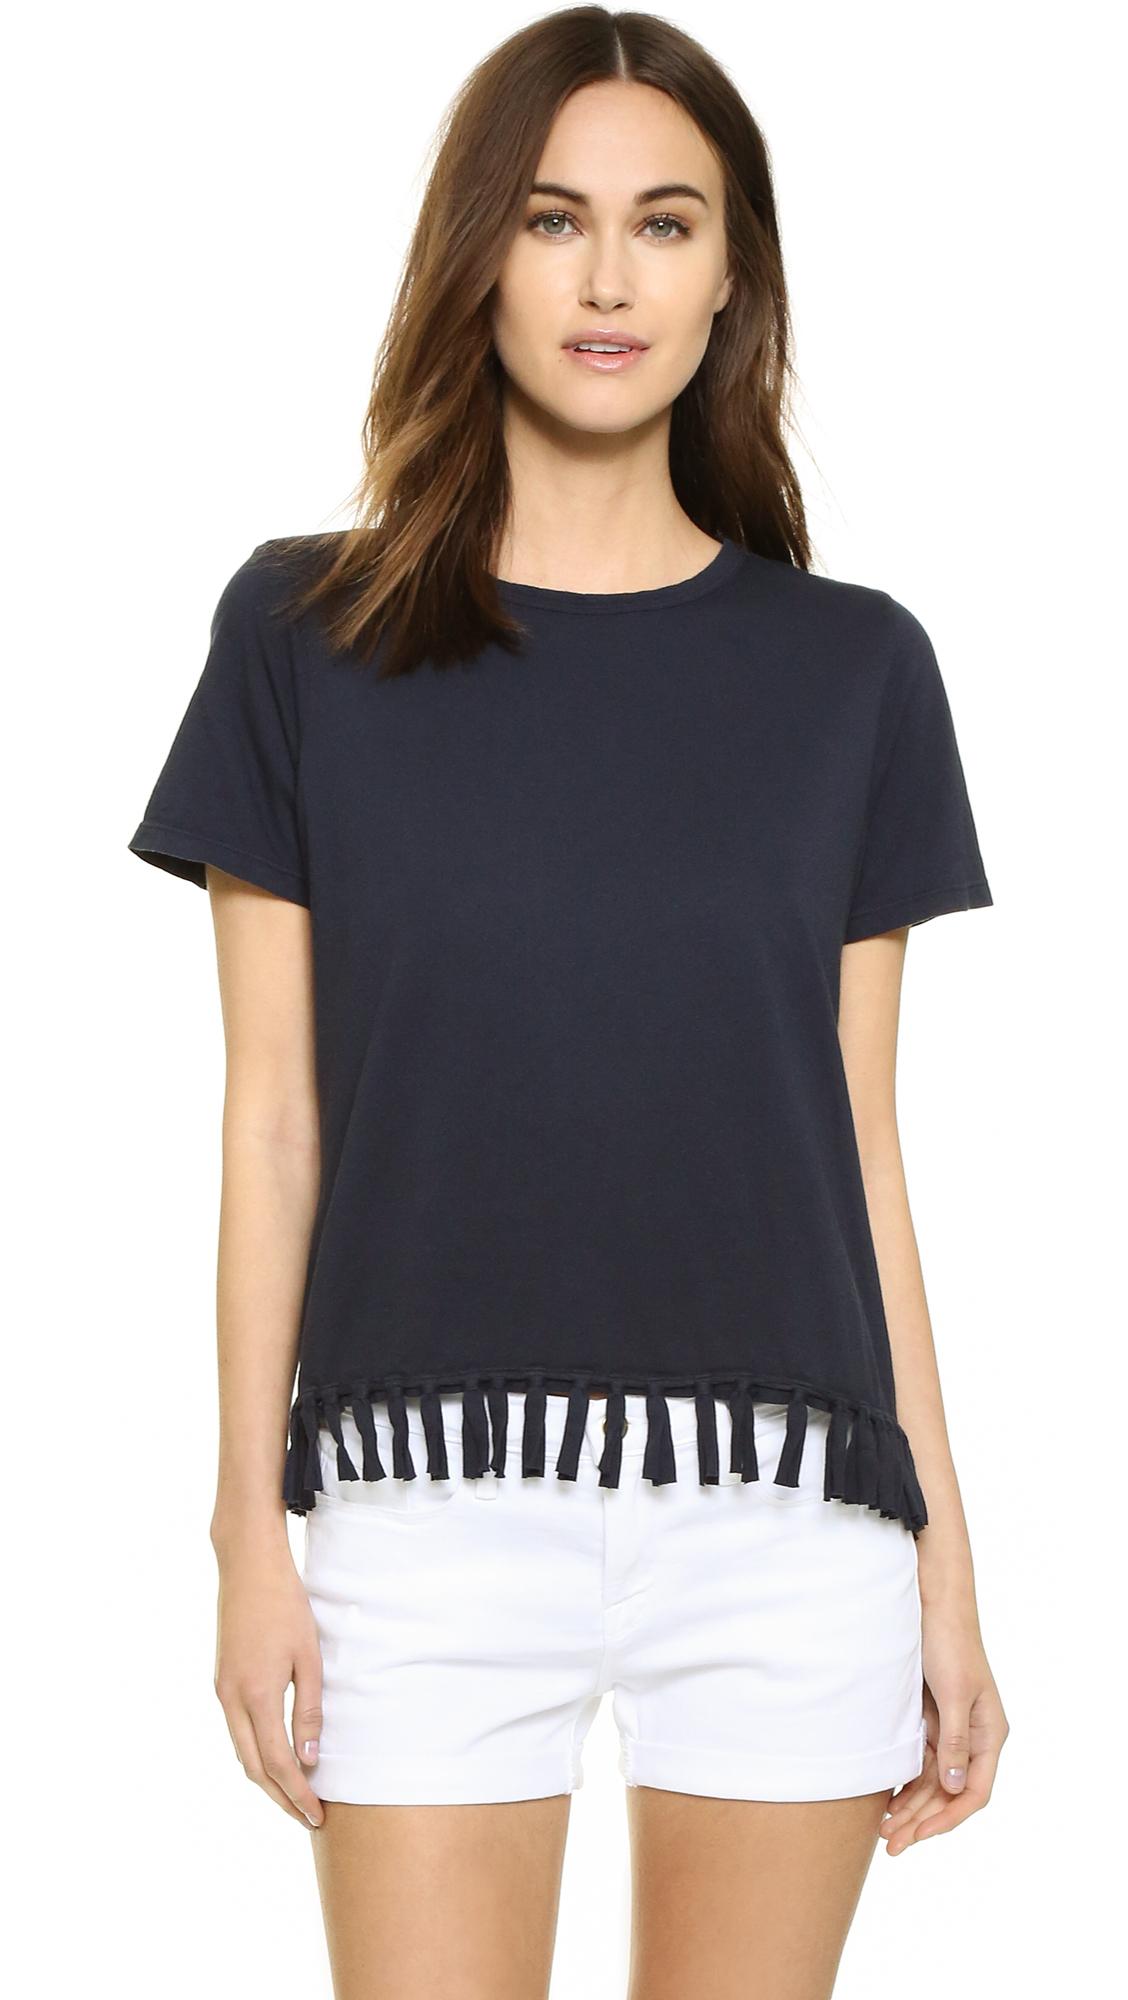 clu too fringe trimmed t shirt in blue lyst. Black Bedroom Furniture Sets. Home Design Ideas